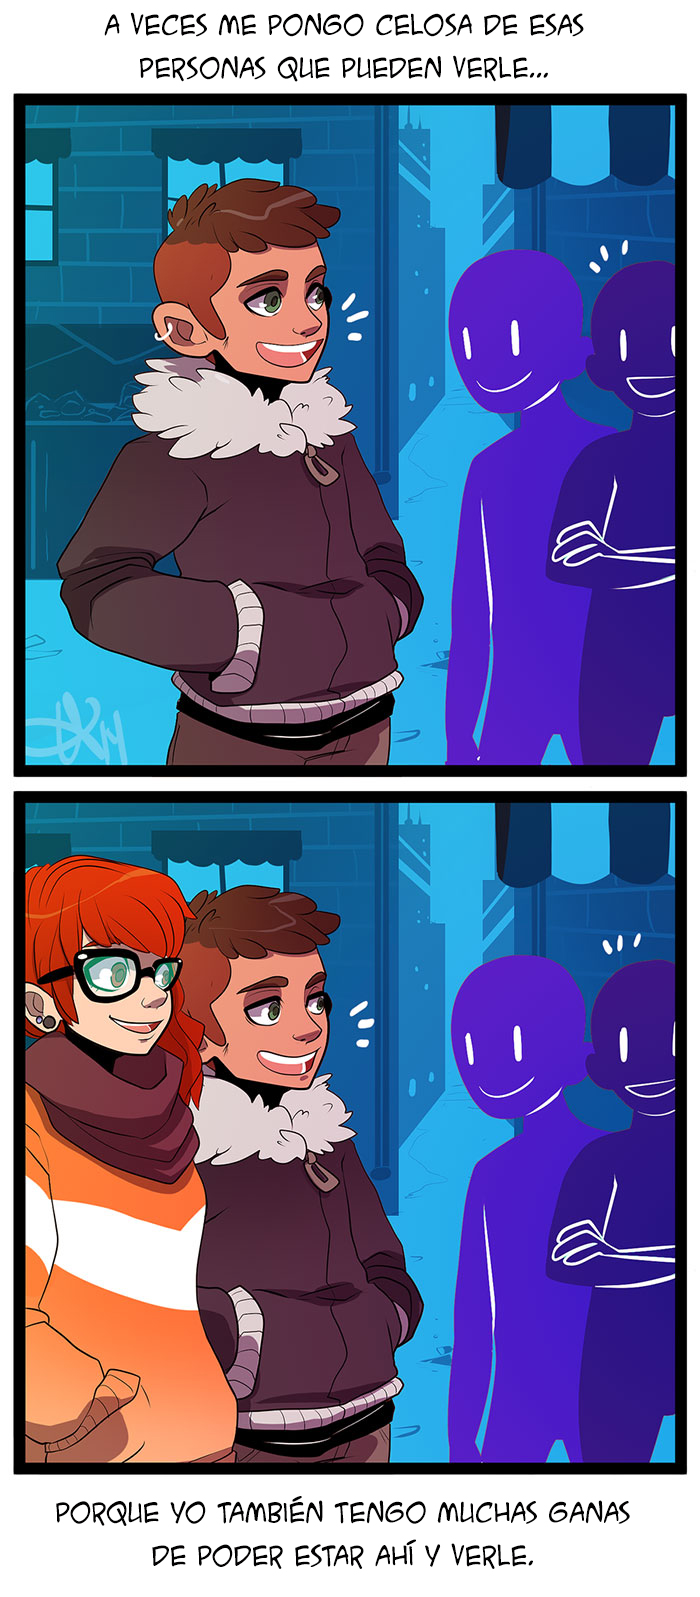 Ilustraciones describen a la perfección relación a distancia